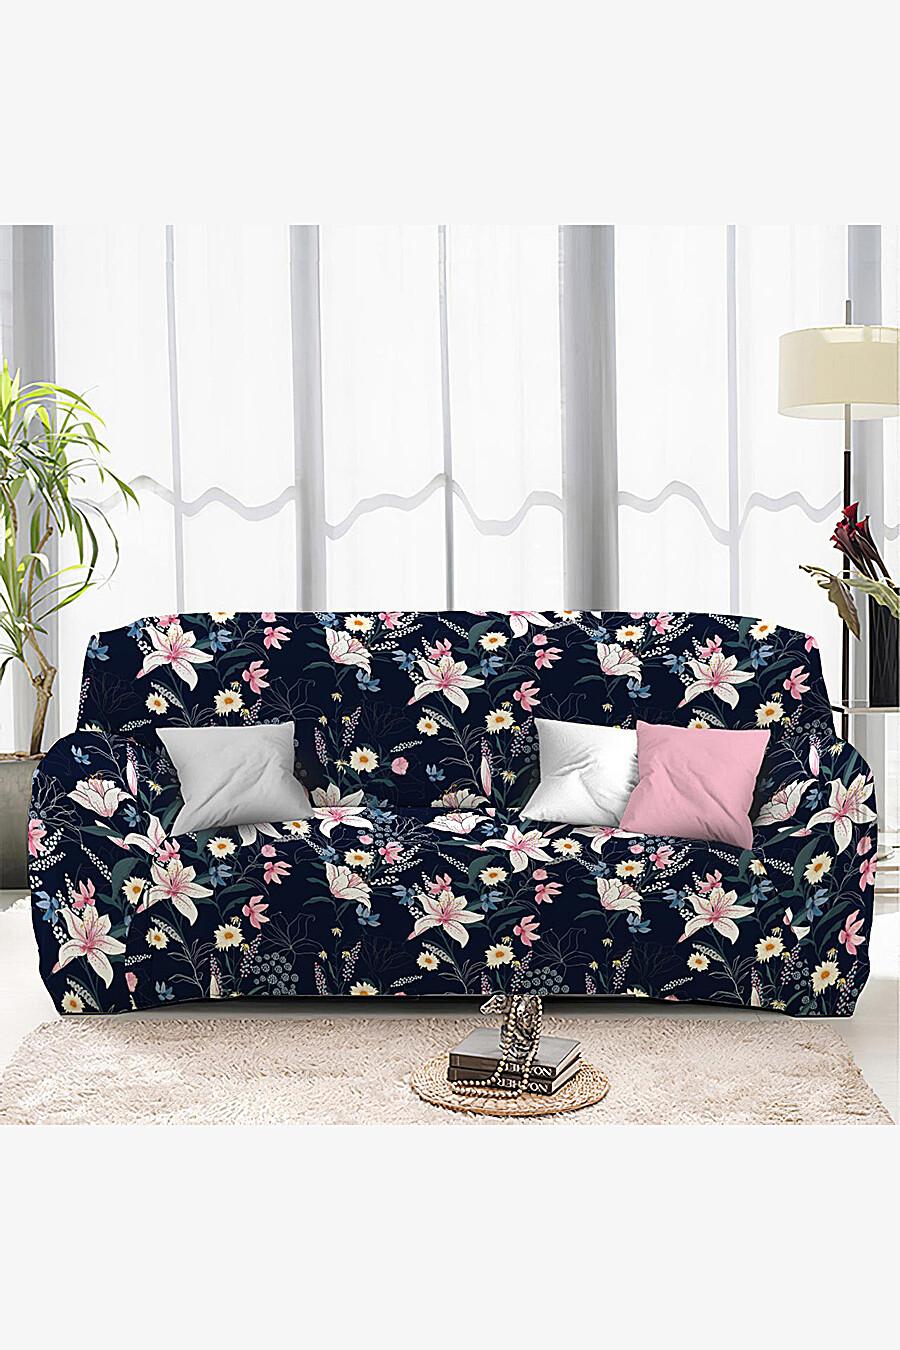 Чехол на диван для дома ART HOME TEXTILE 162922 купить оптом от производителя. Совместная покупка товаров для дома в OptMoyo